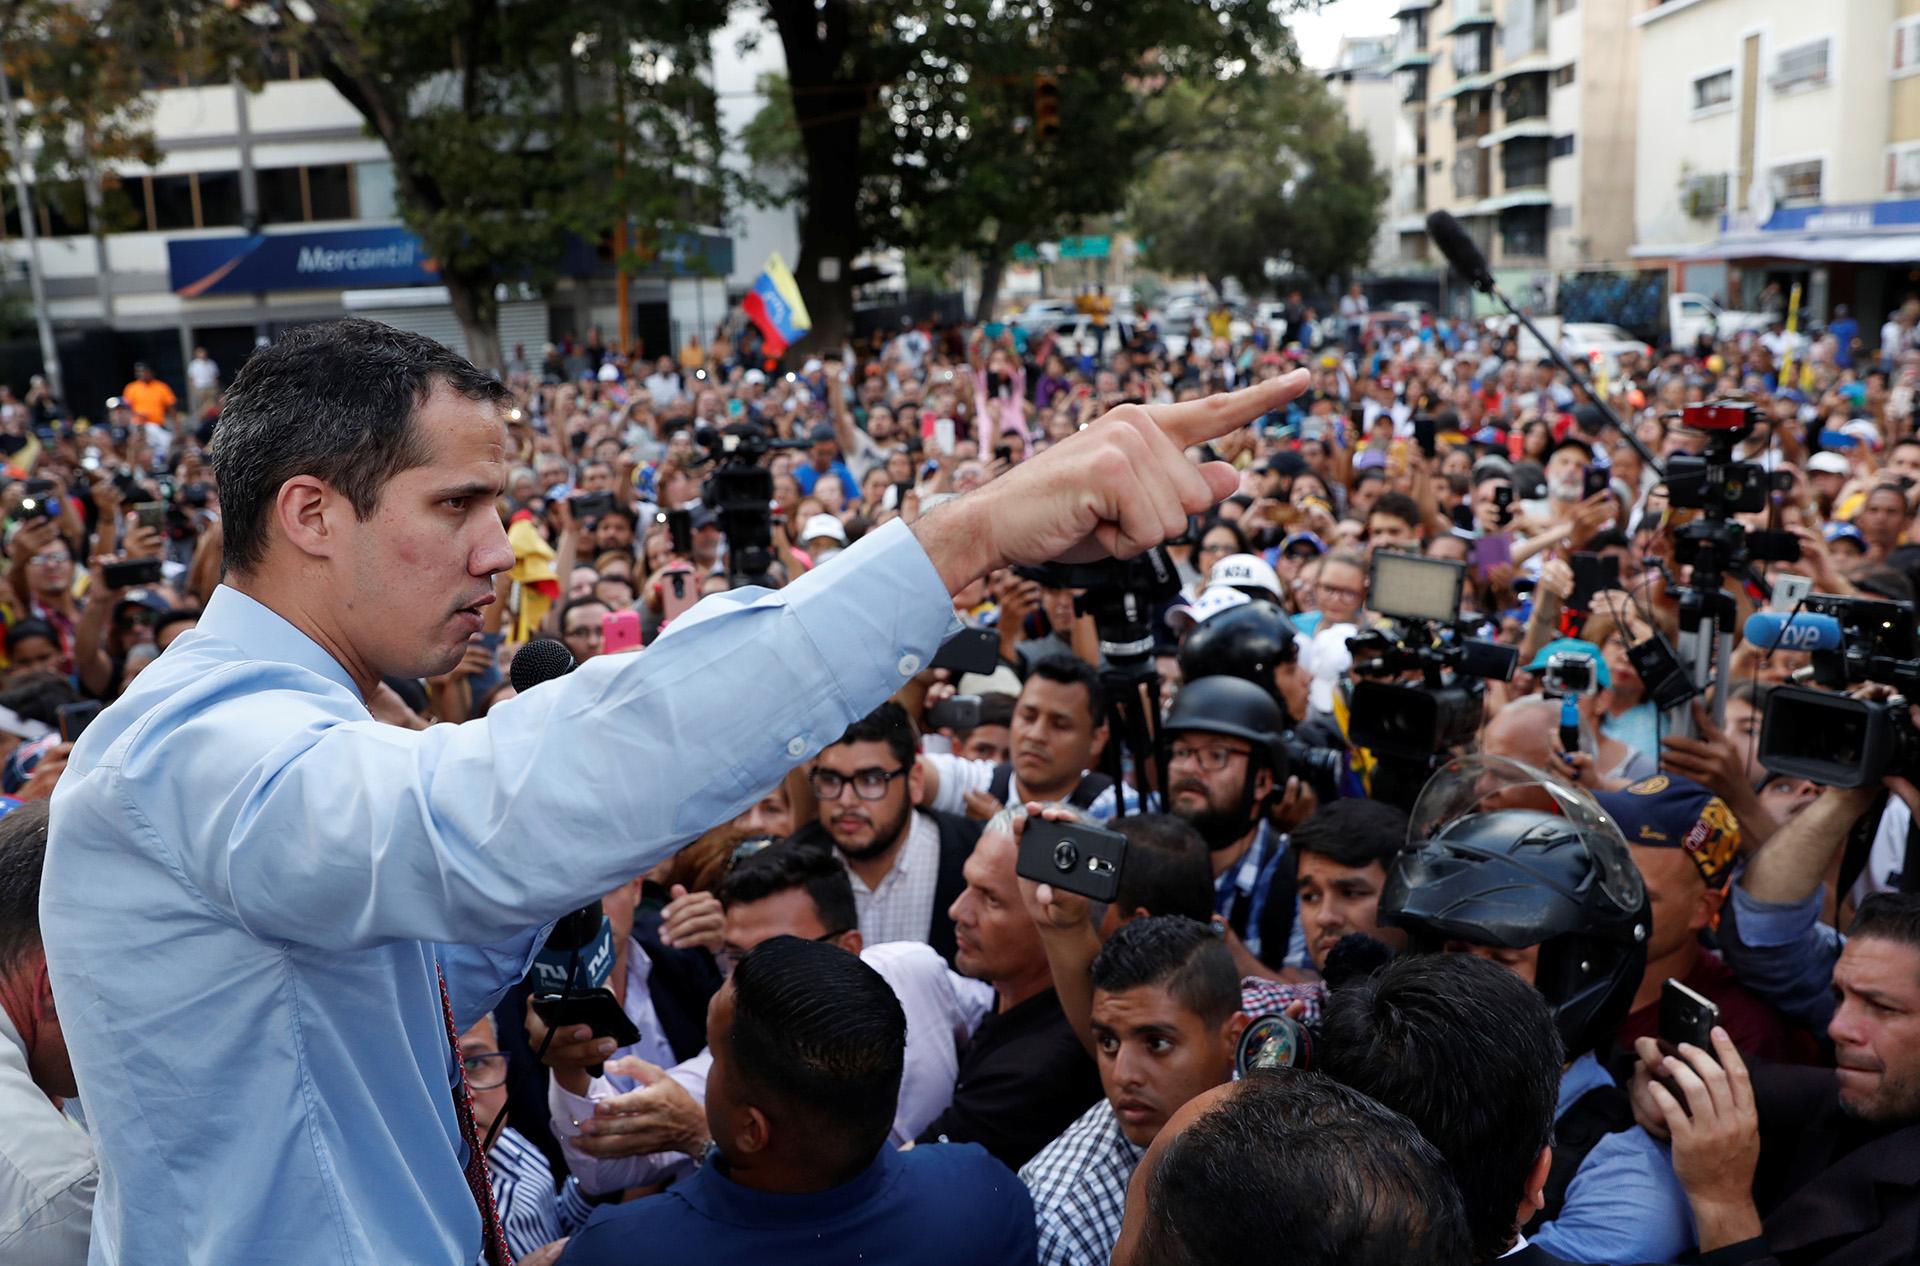 El presidente Interino de Venezuela paricipa de una movilizacion en Caracas en contra el régimen chavista por el histórico apagón, el 12 de marzo de 2019. (REUTERS)